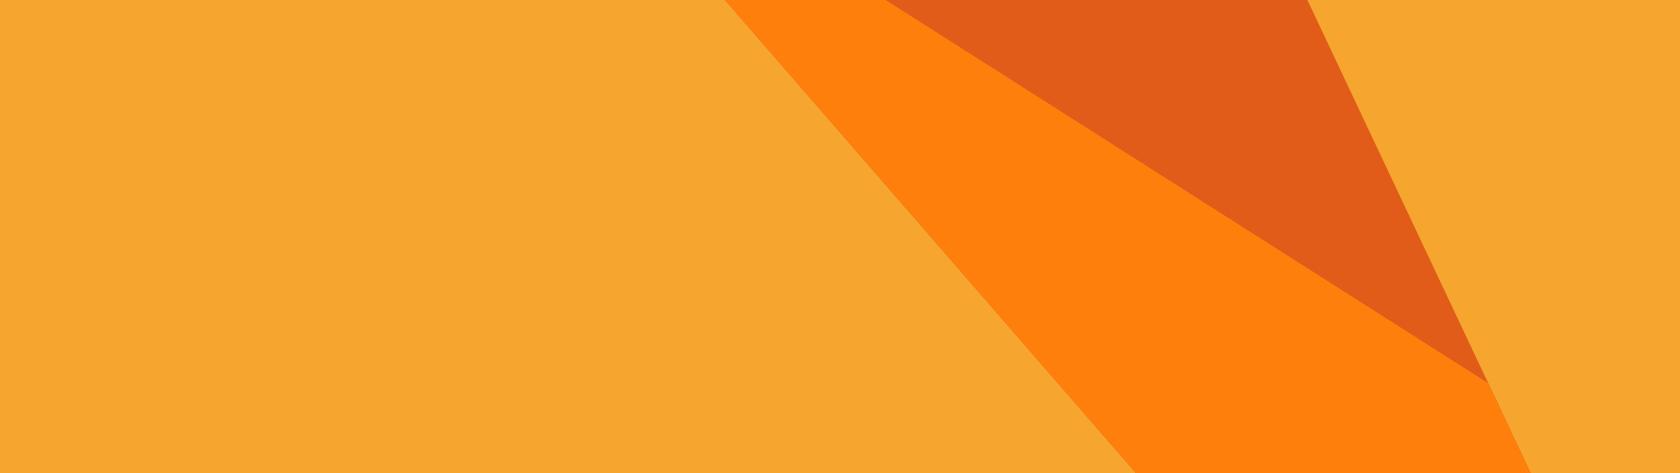 banner-engage-bg